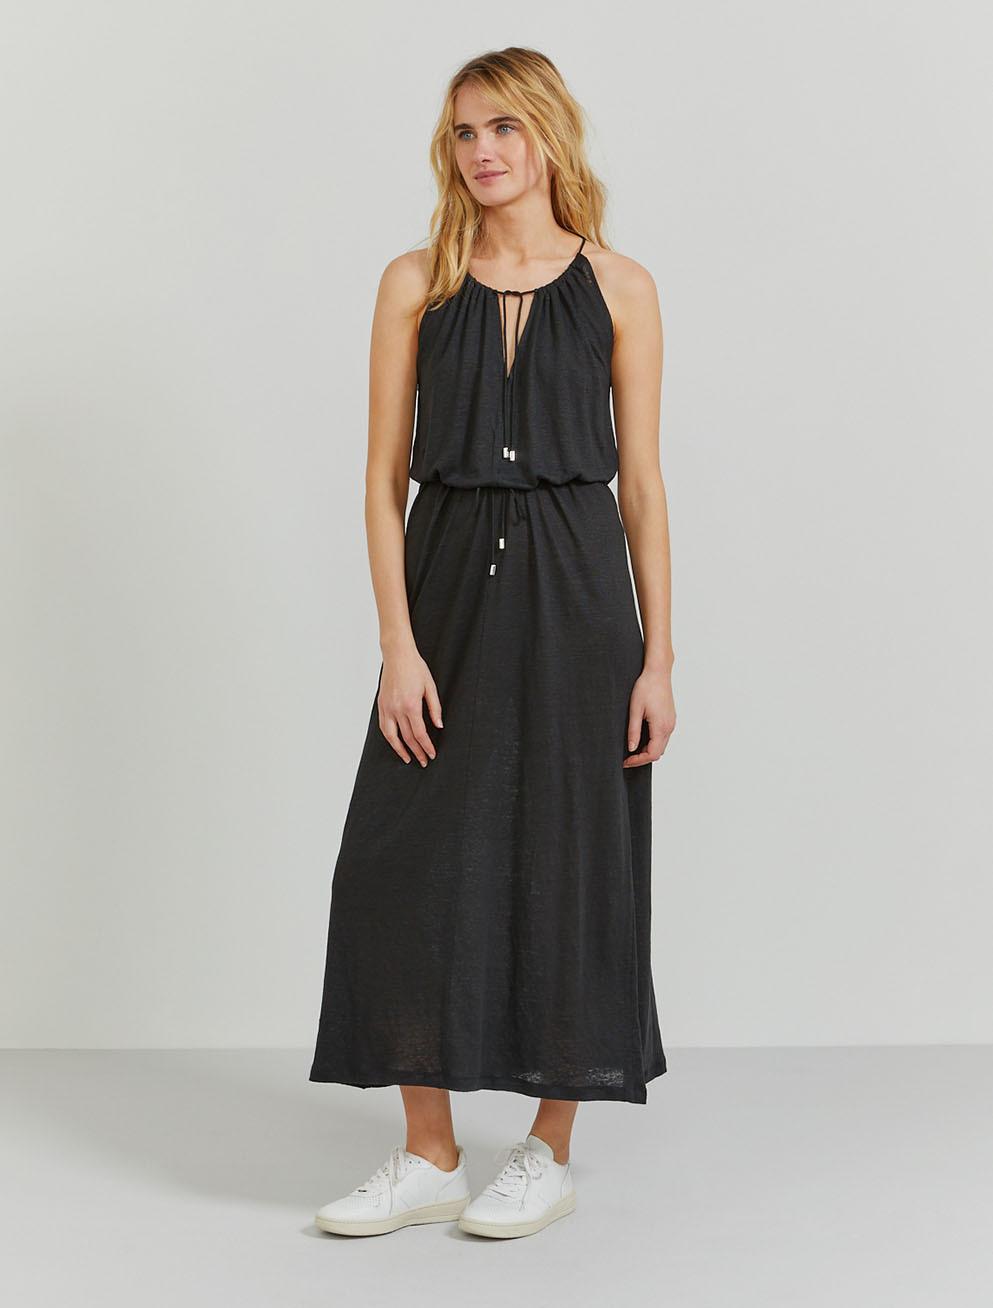 Natural linen sleeveless maxi dress